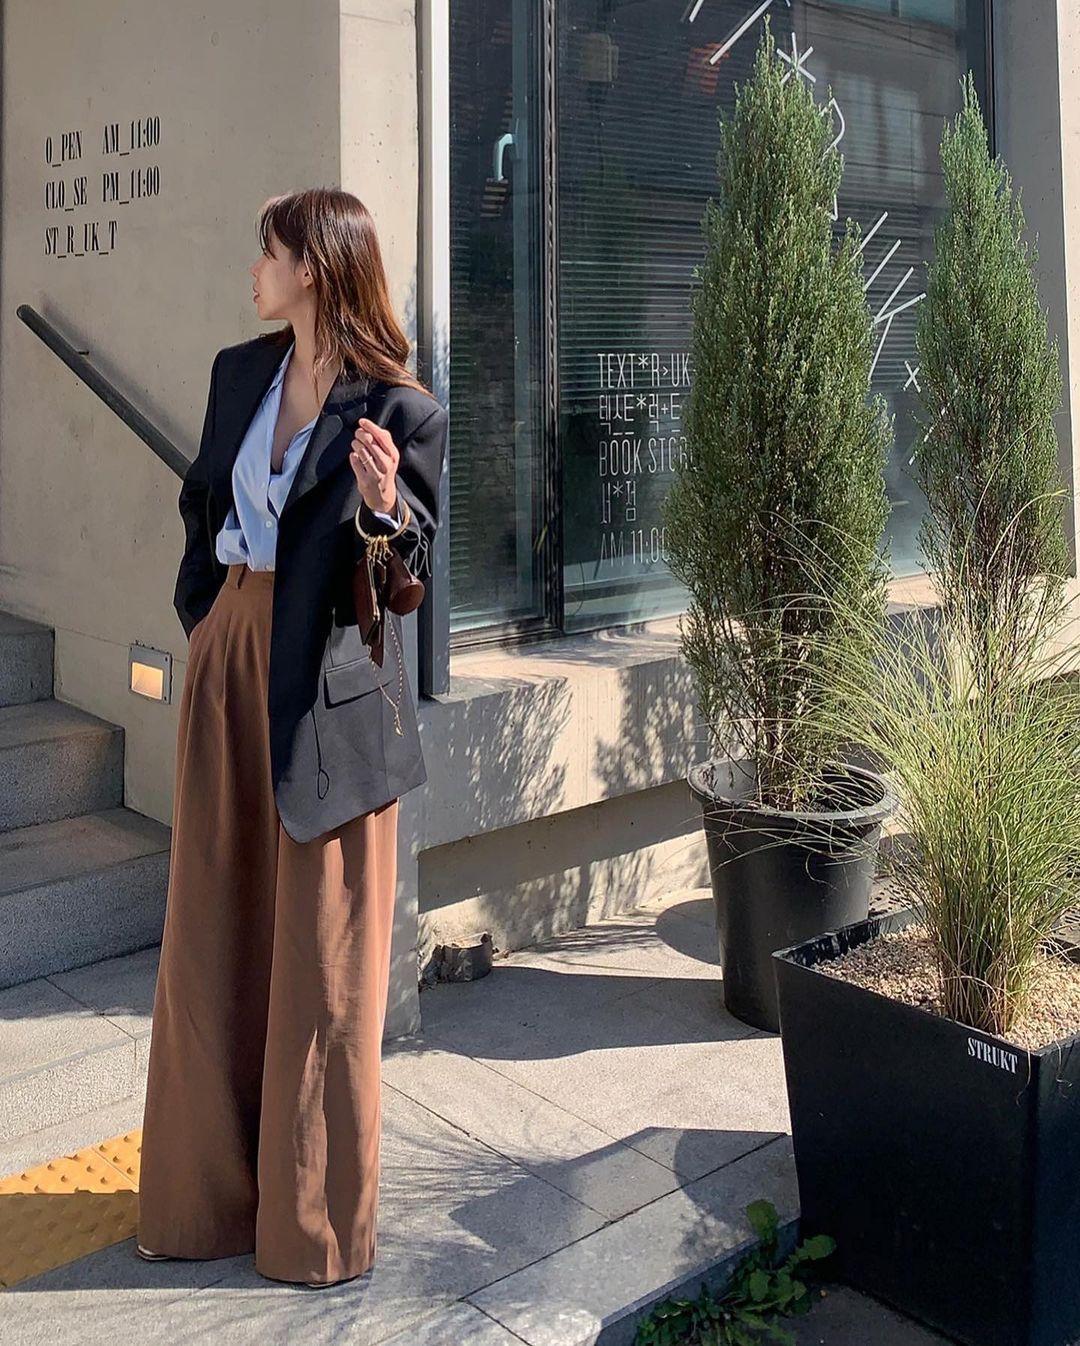 5 mẫu áo quá hợp để diện cùng blazer, bạn cần biết hết để không bao giờ thất bại trong chuyện mặc đẹp 0